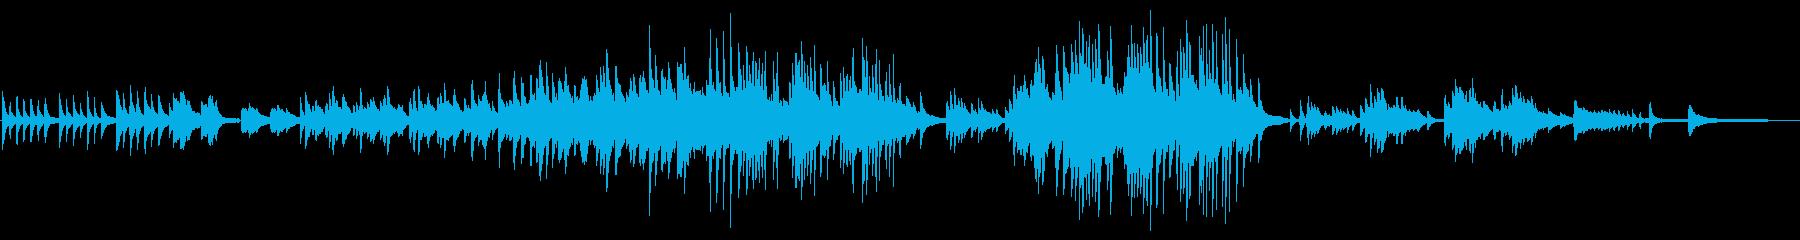 「あの日咲いたヒマワリへ」ピアノソロの再生済みの波形